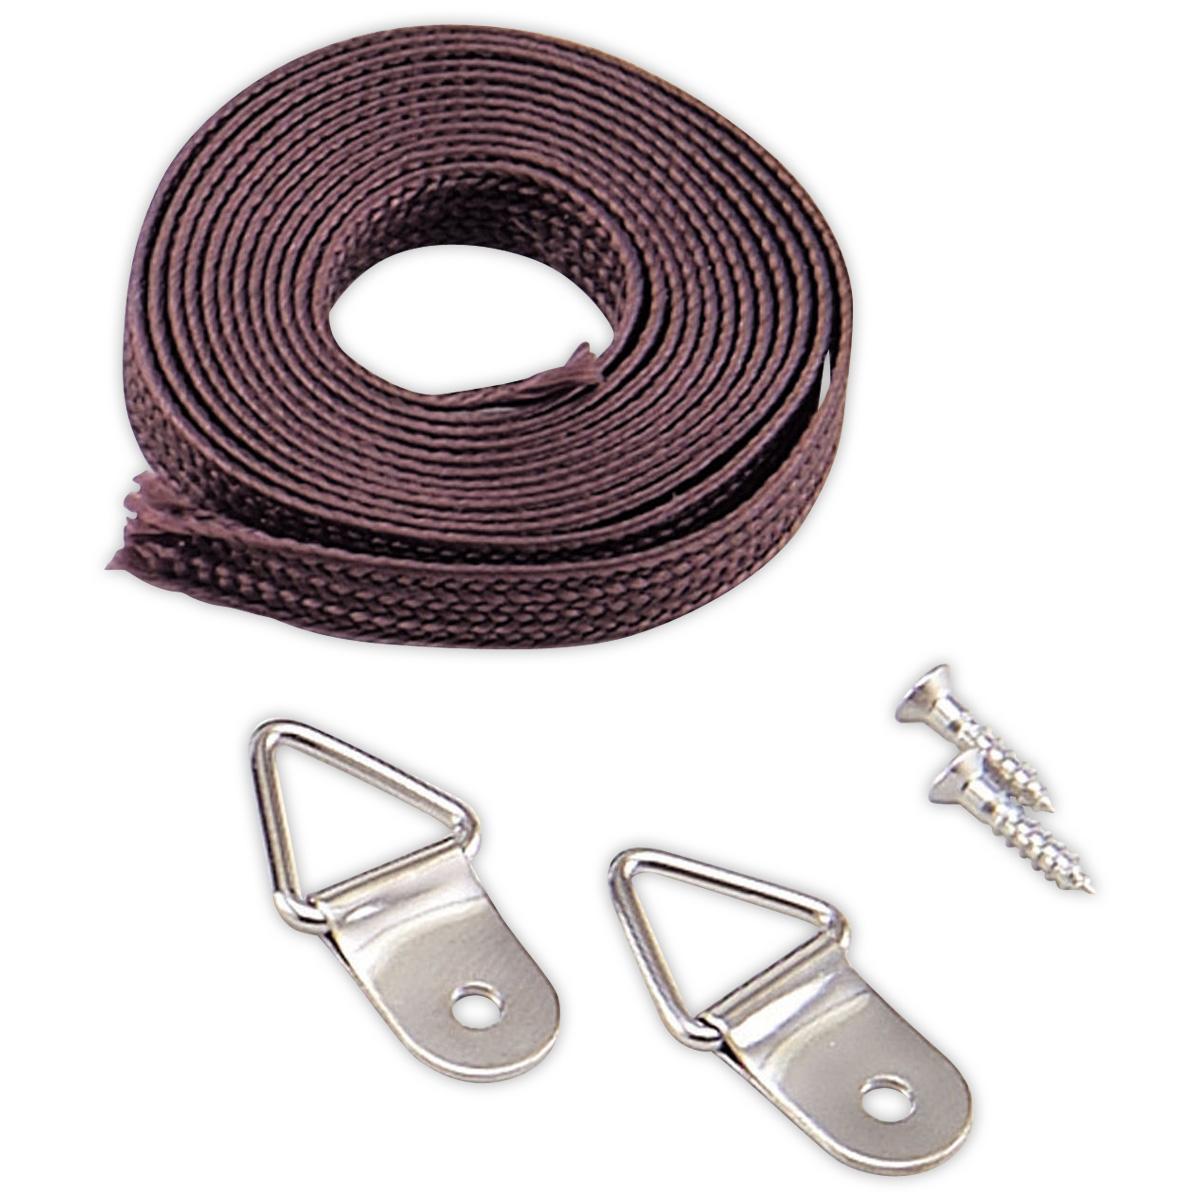 吊金具 ひもセット[F4〜F6用]小 吊り金具 工作 教材 材料 図工 学習教材 アーテック クリスマスプレゼント